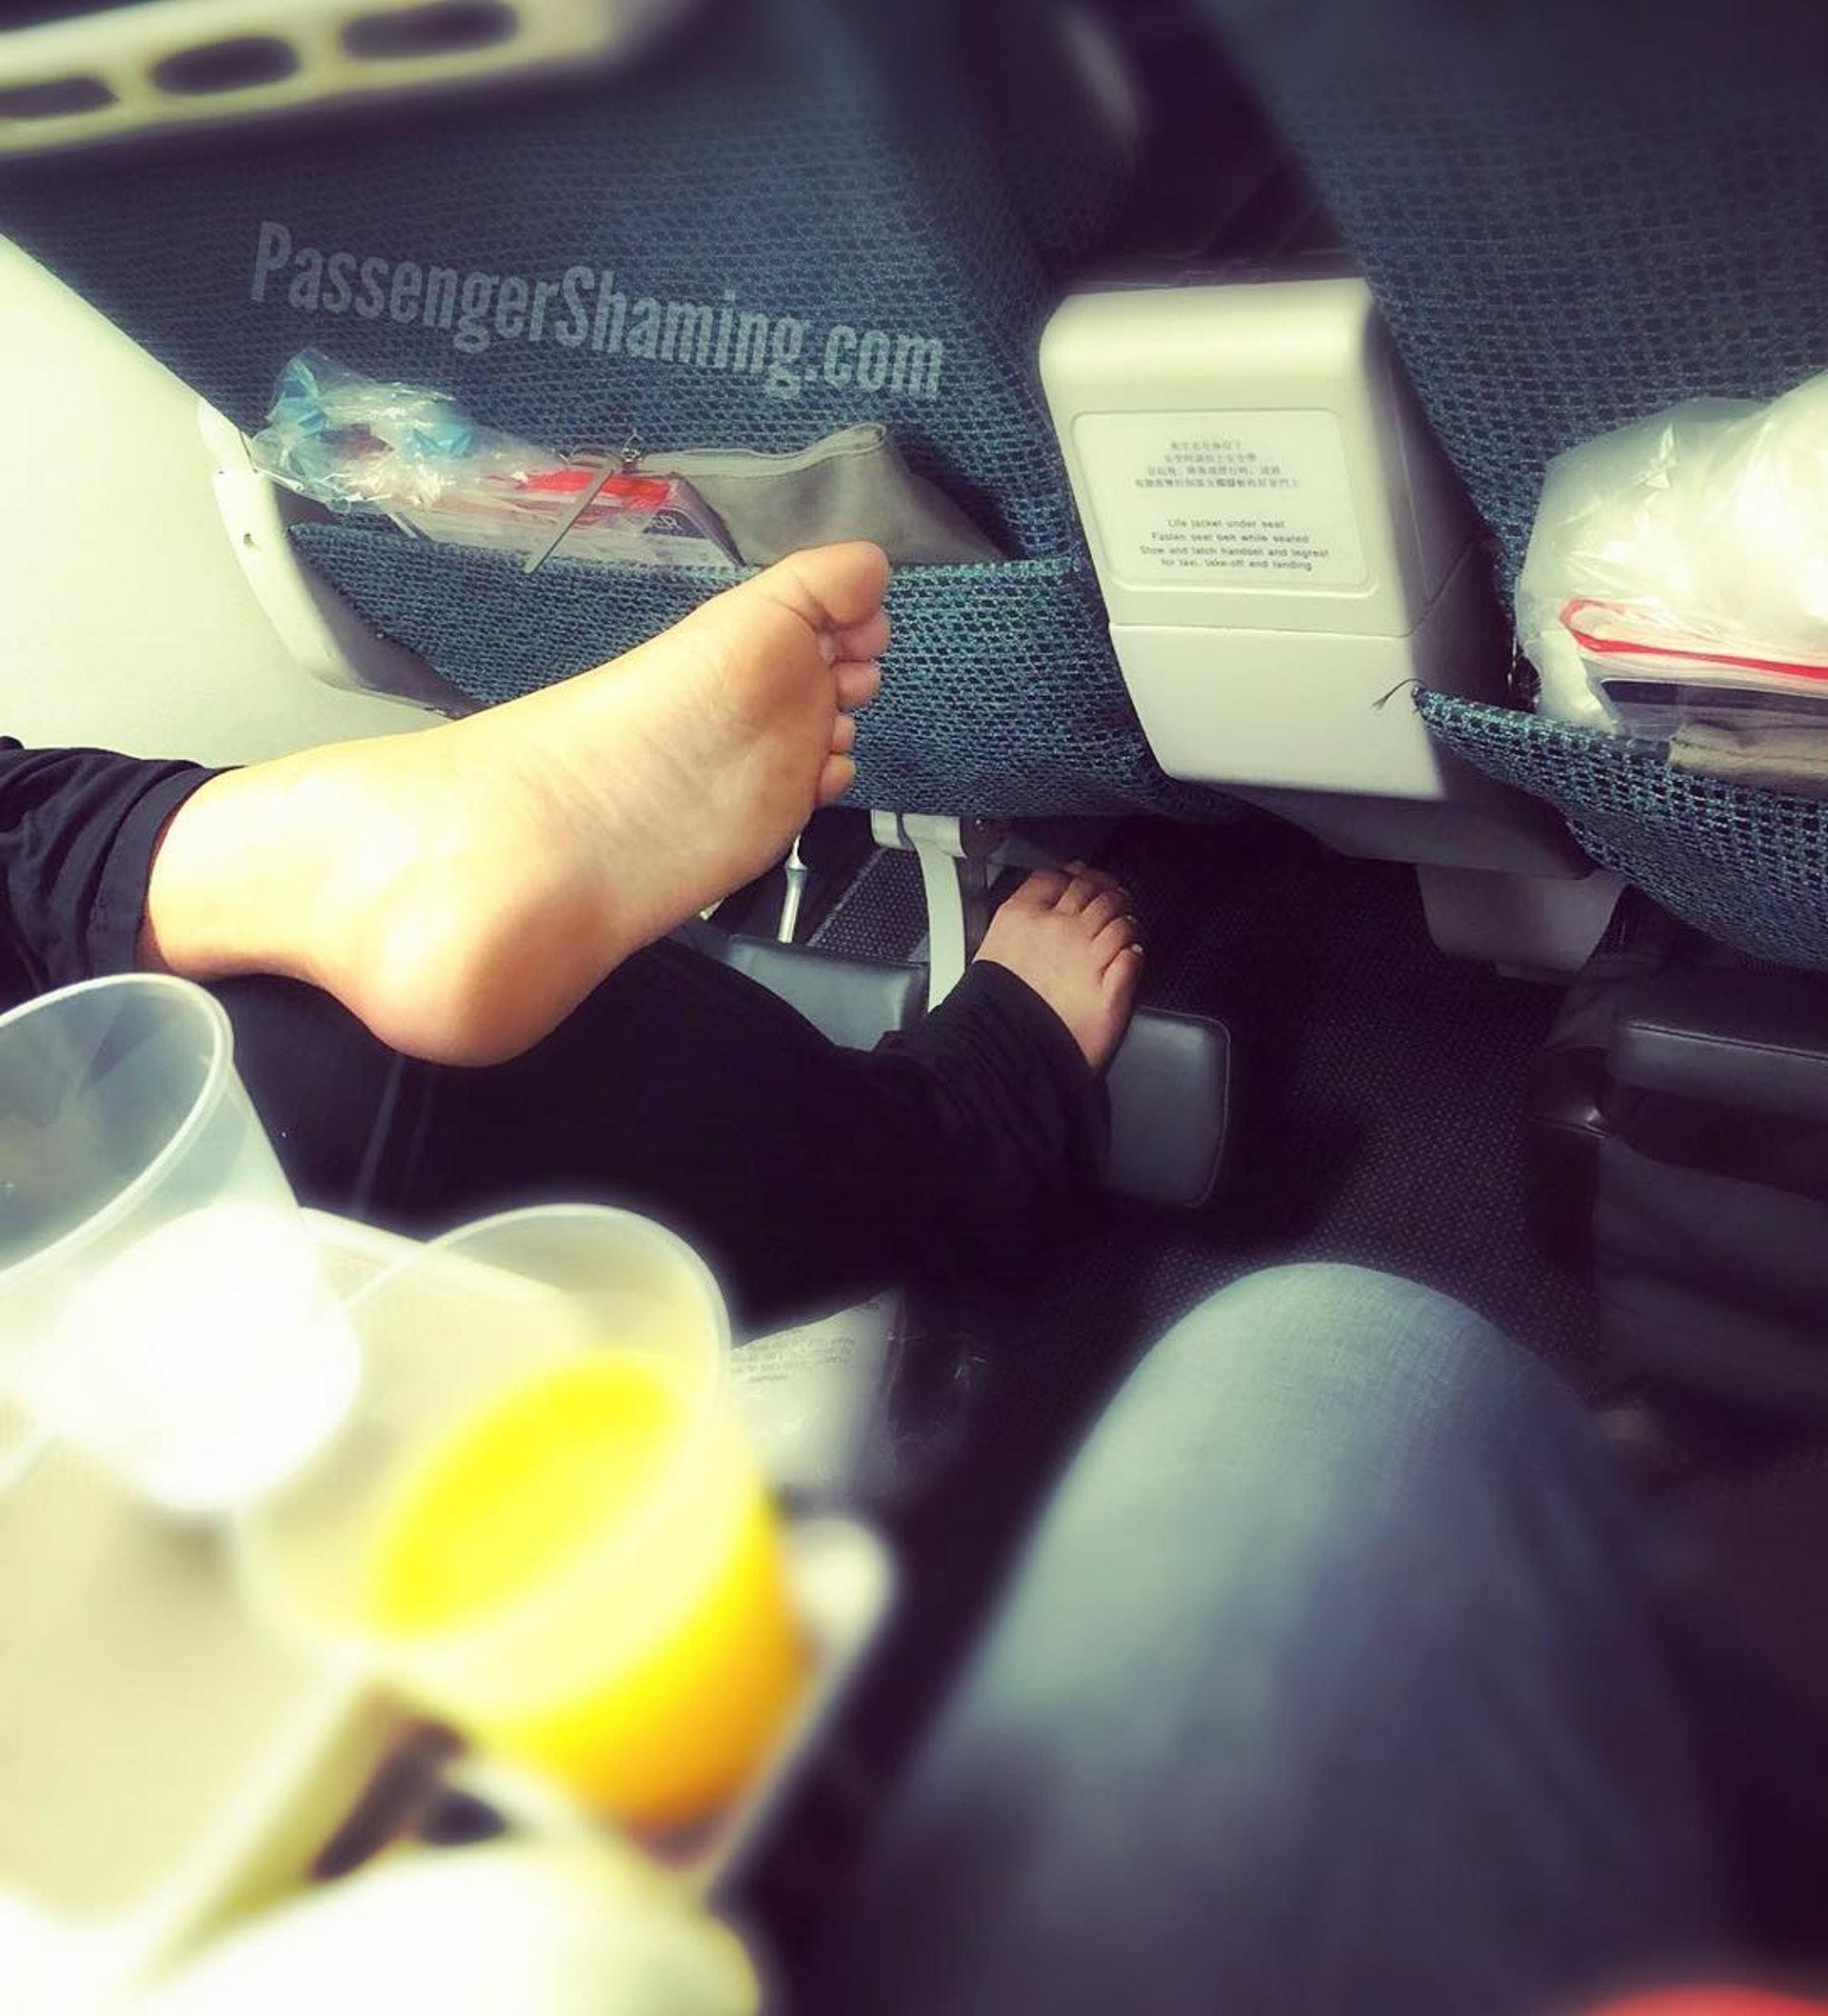 坐中間位還要遇著旁人赤腳,真的很坎坷。(圖片來源:passengershaming@ig)